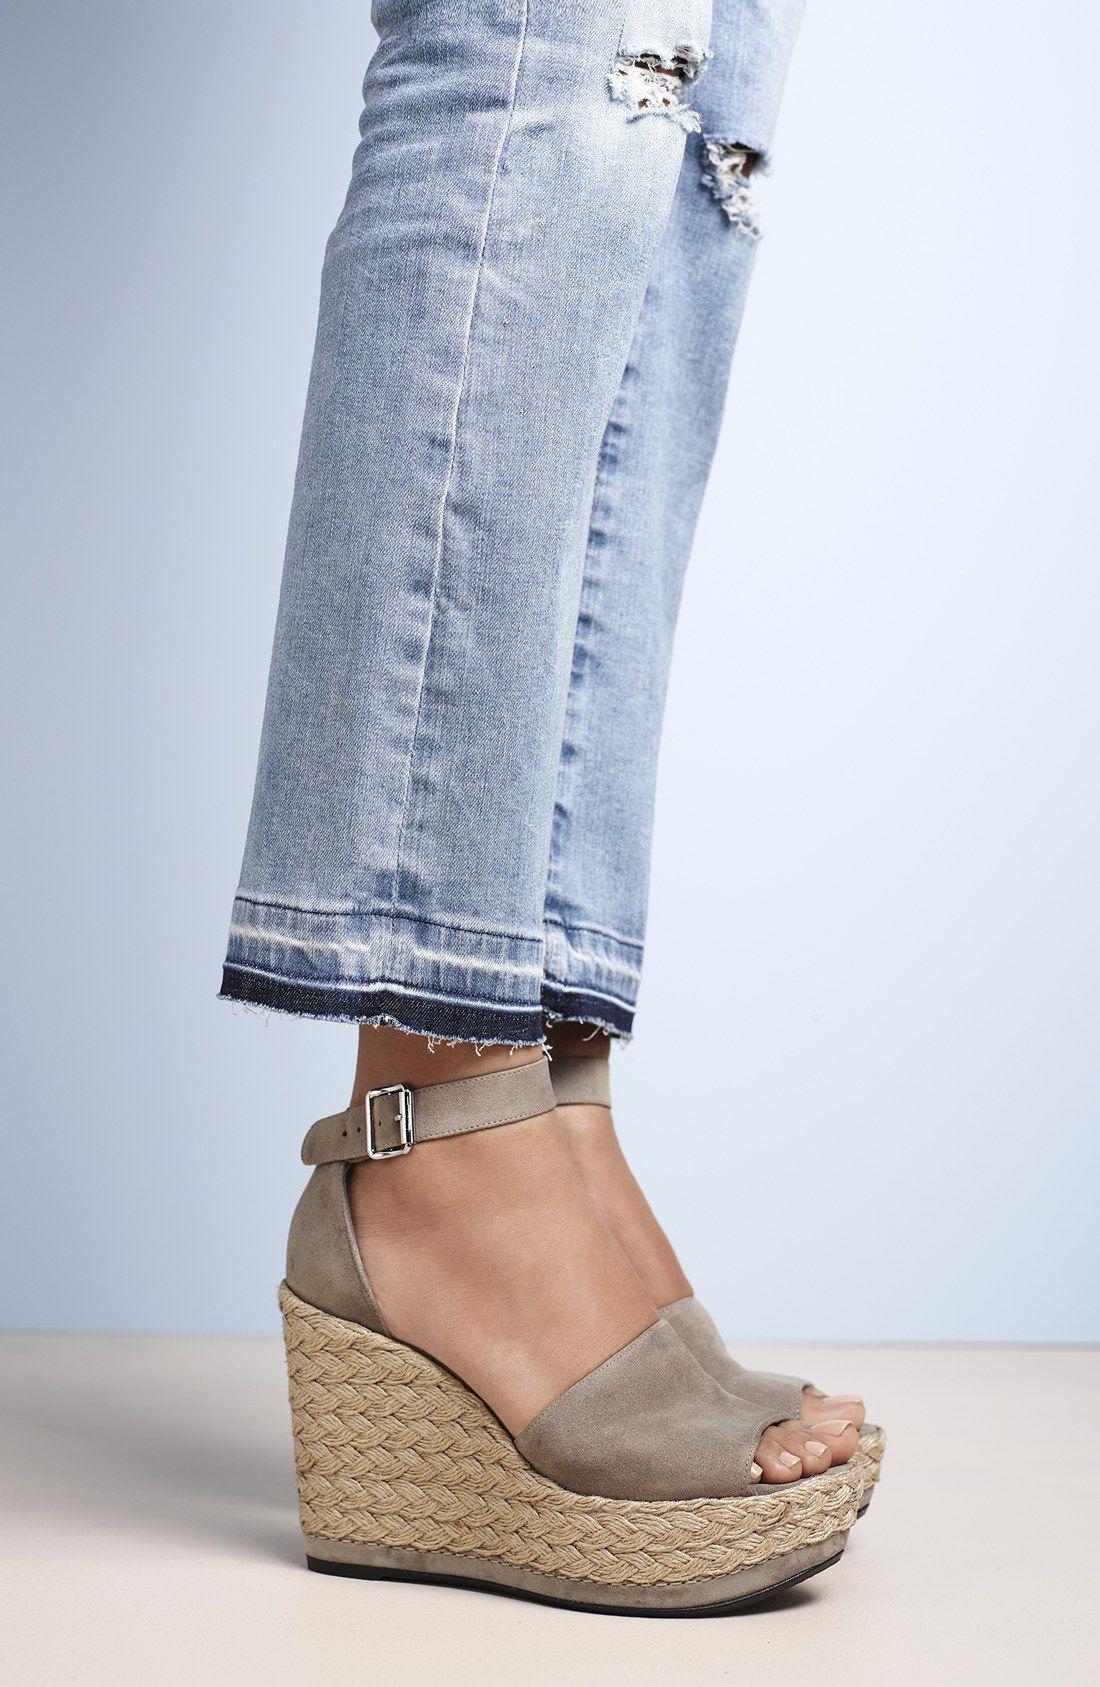 Stuart Weitzman Sohot Platform Sandal (Women's) 6LshDT